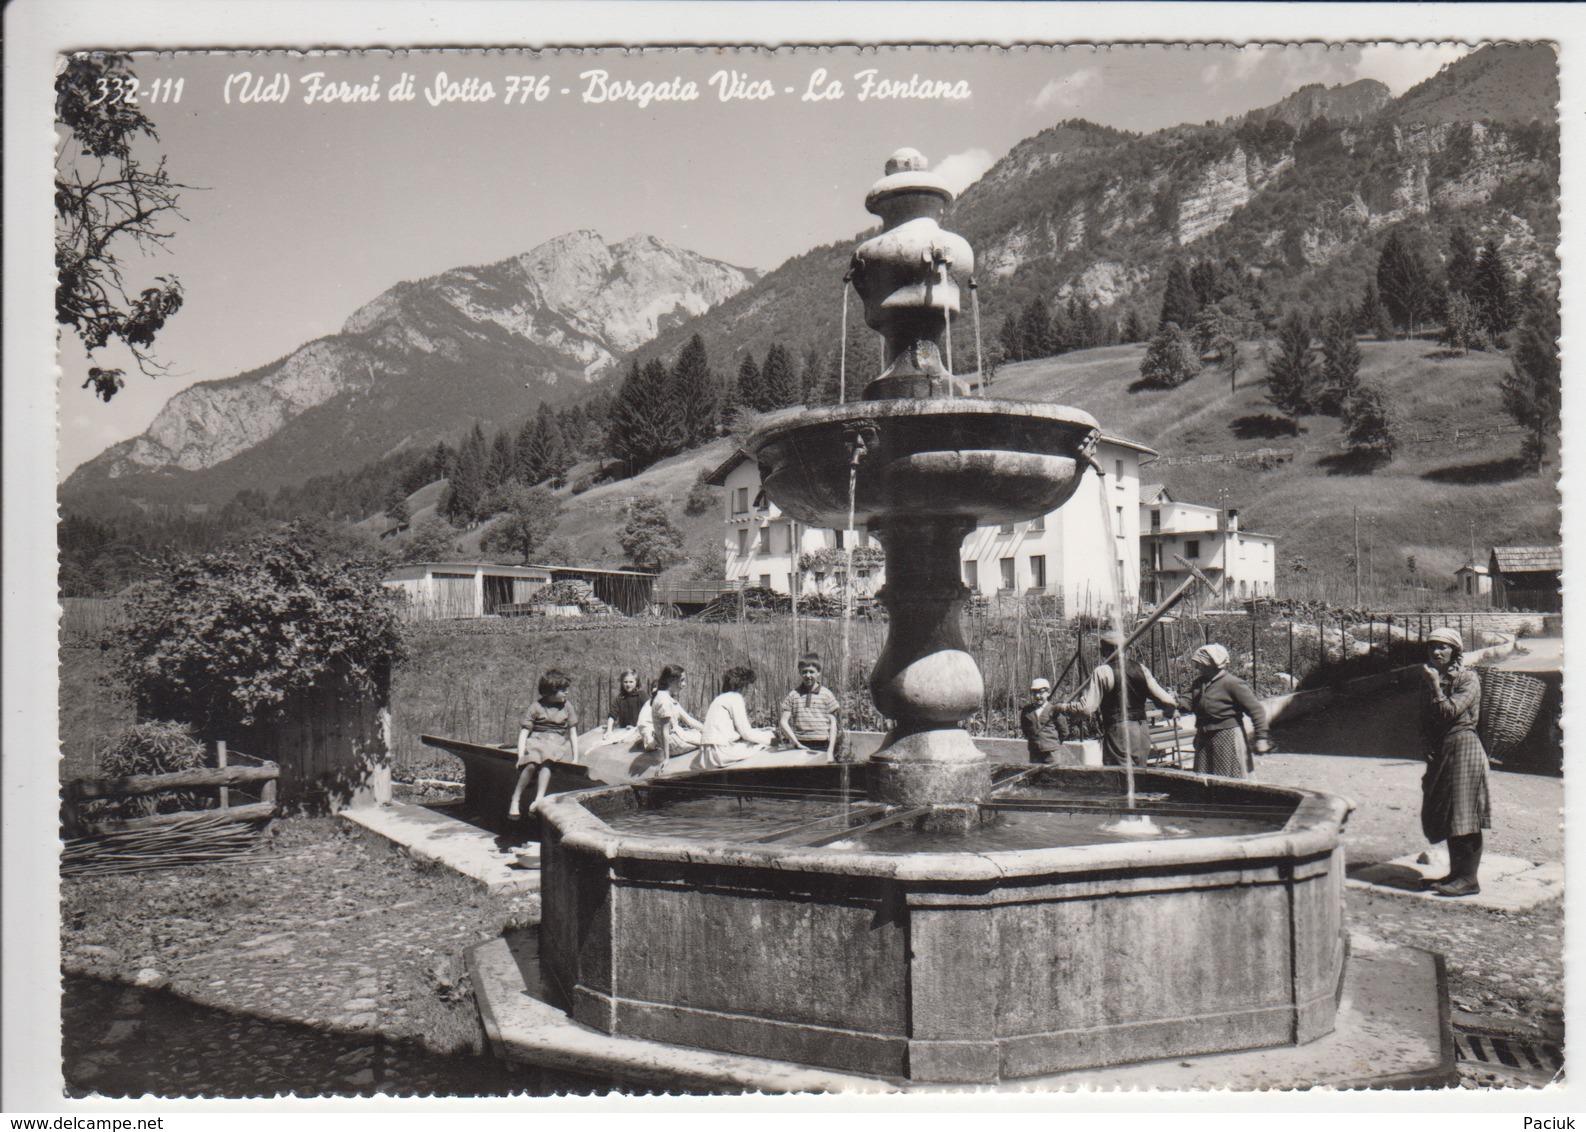 Forni Di Sotto - Borgata Vico - La Fontana - Italia